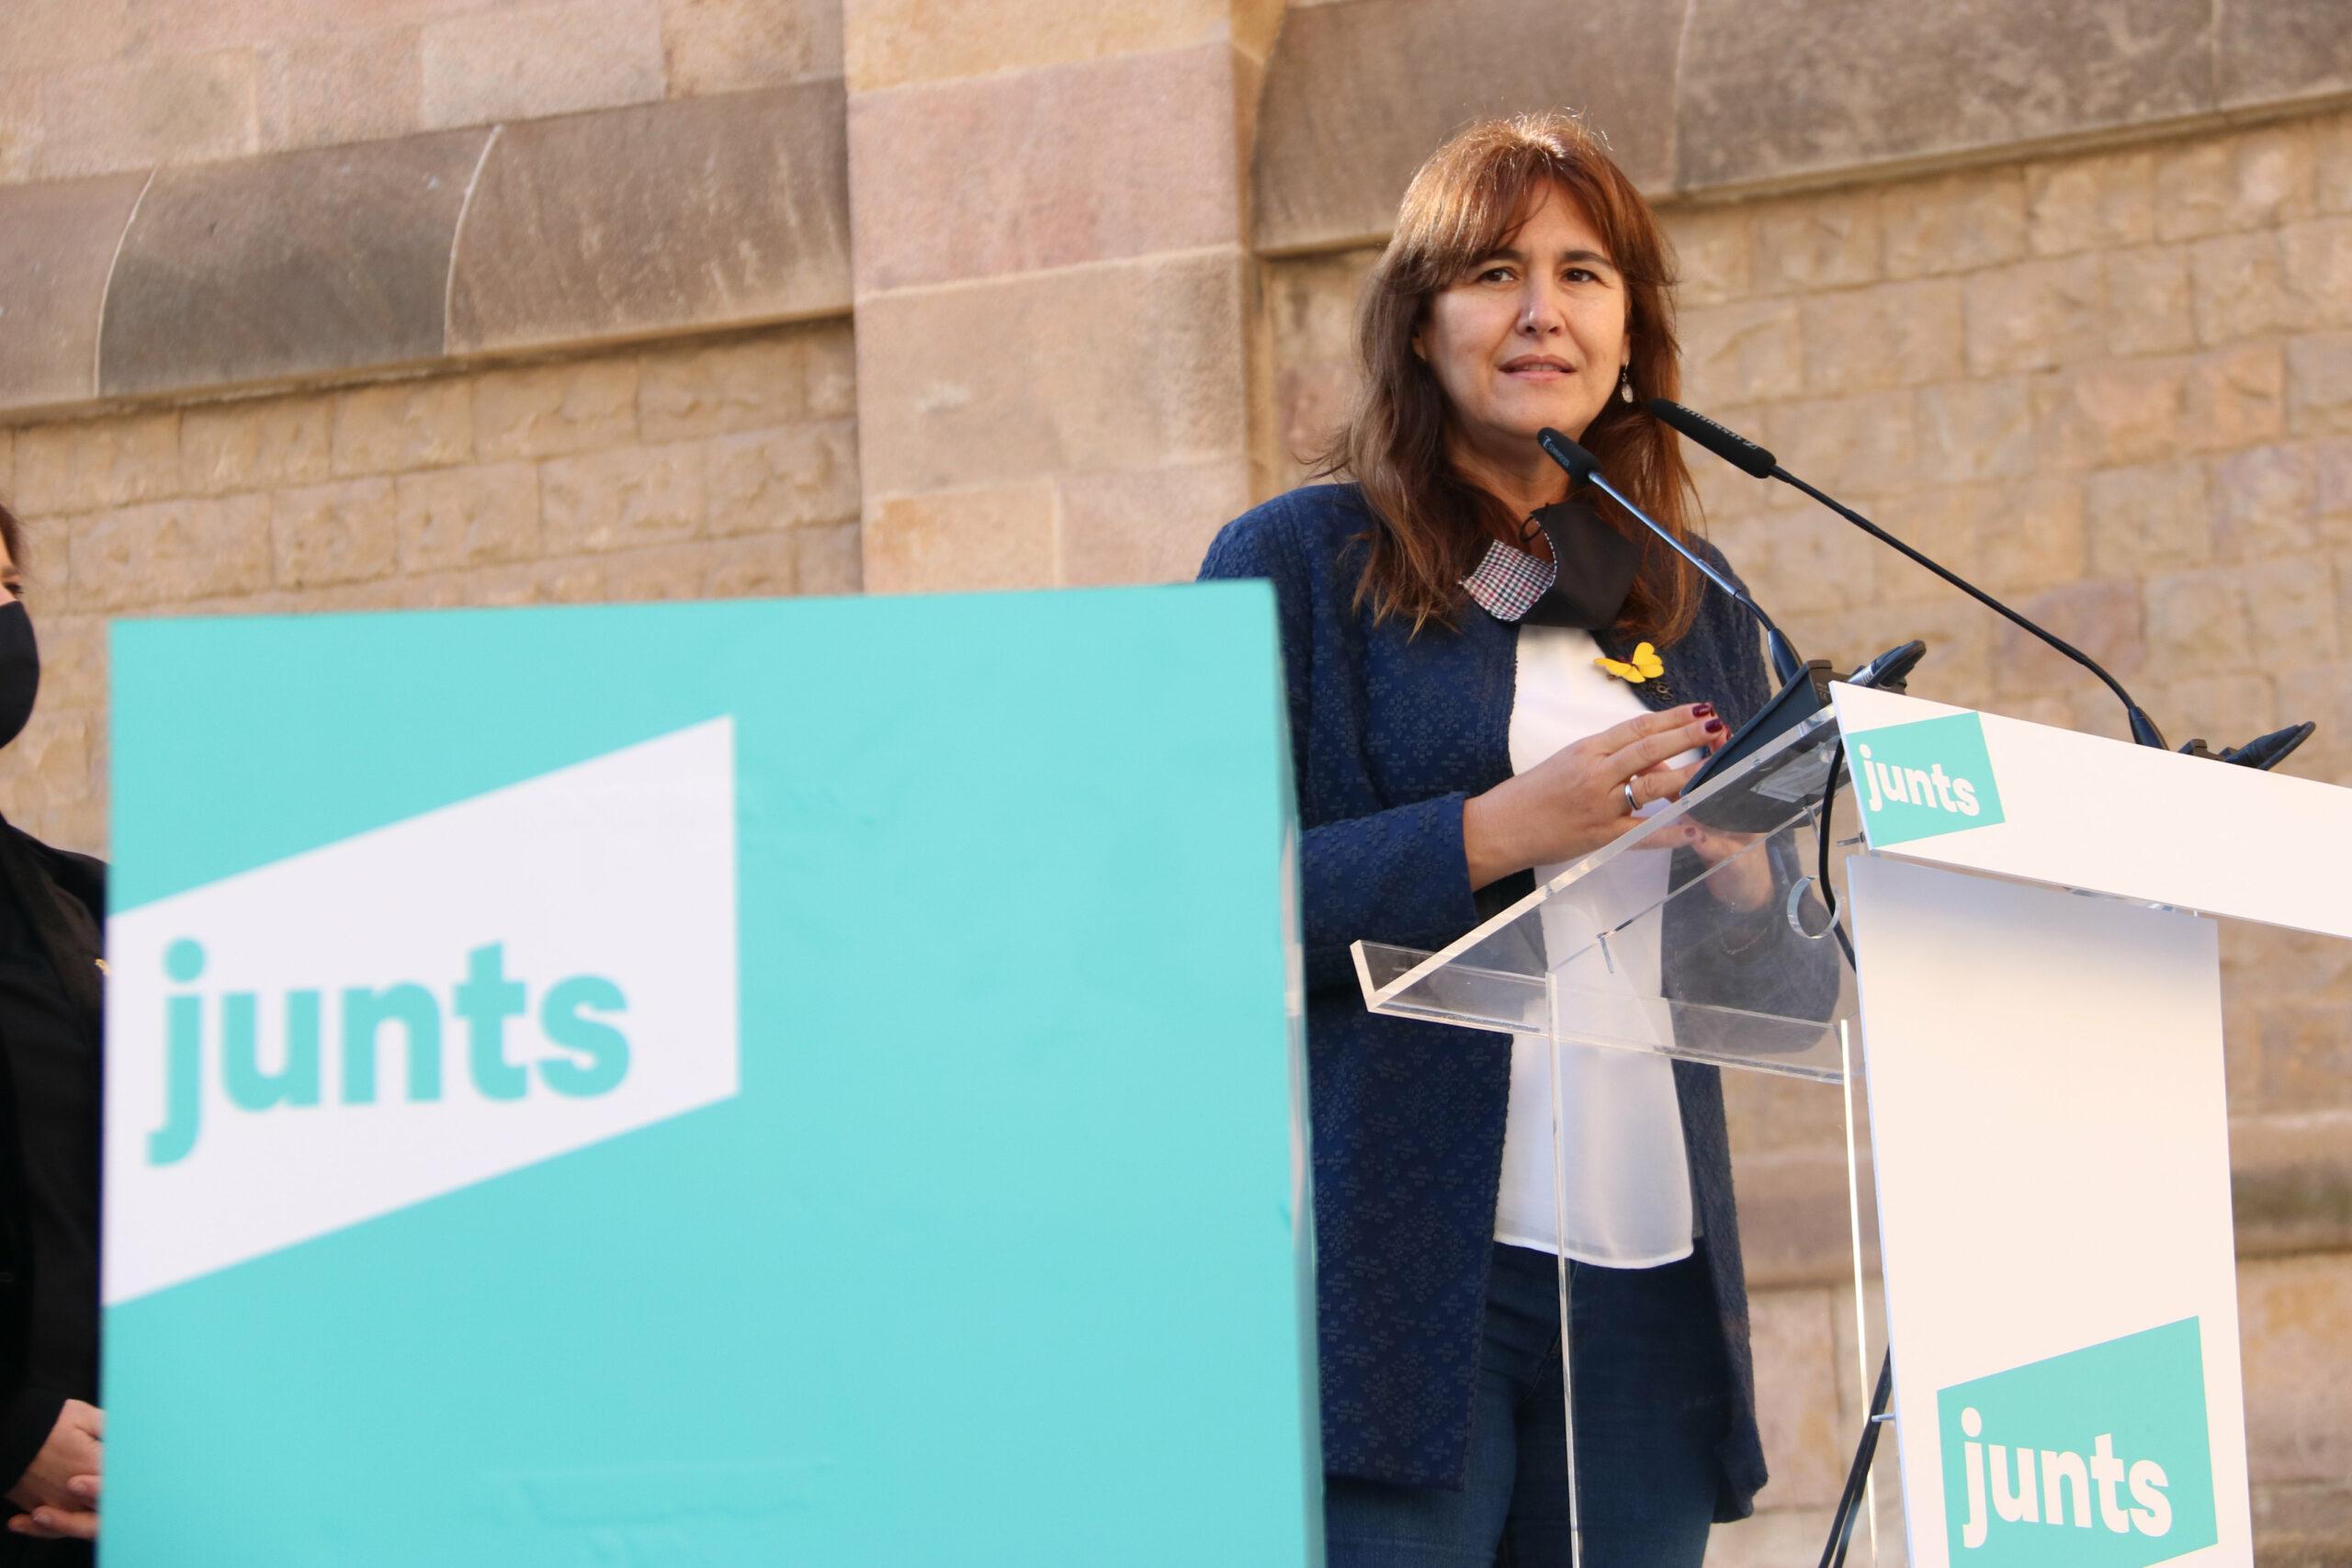 La candidata de Junts per Catalunya a la Generalitat, Laura Borràs | ACN